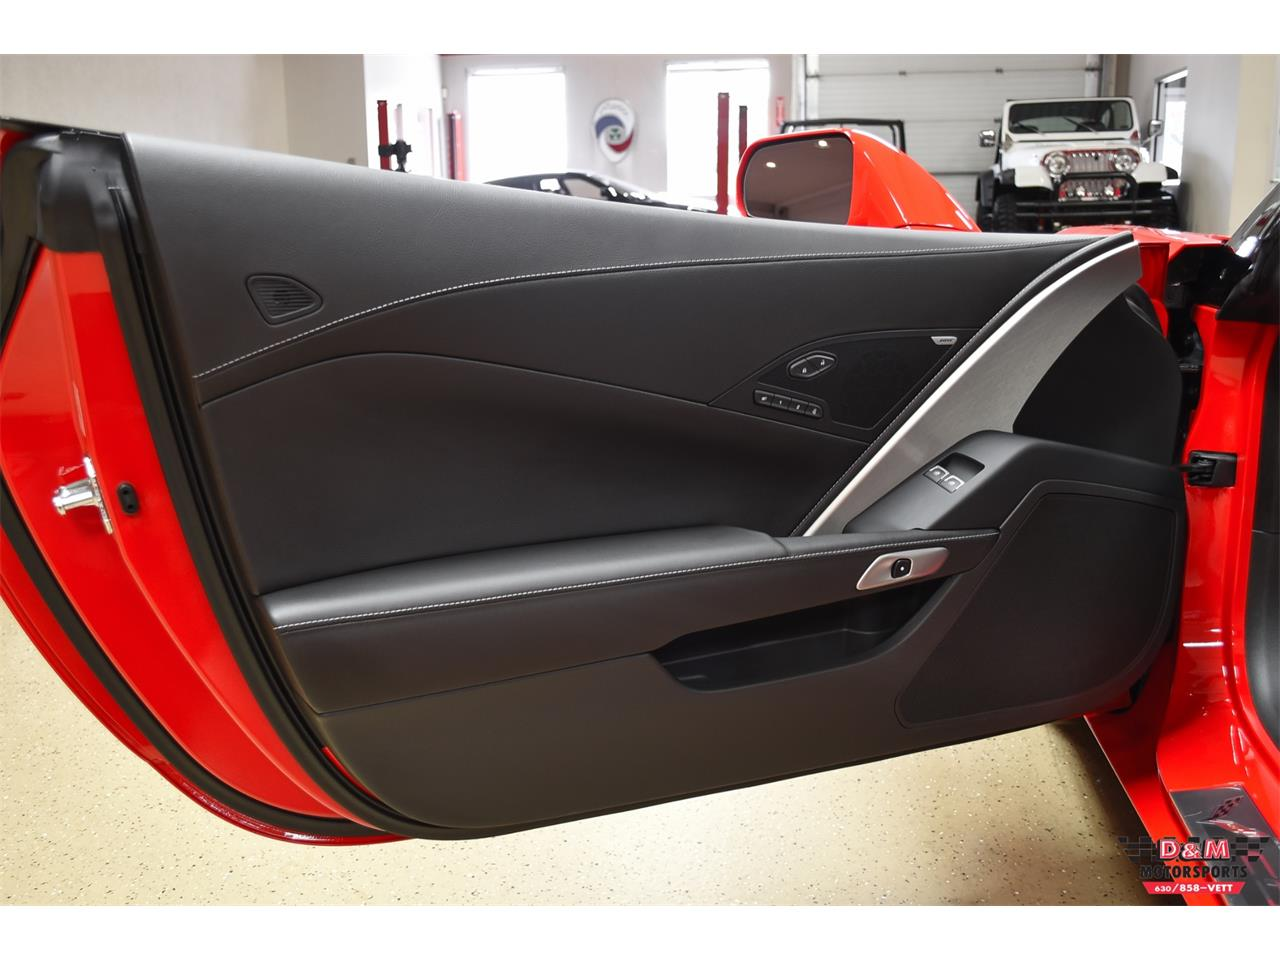 2017 Chevrolet Corvette (CC-1388949) for sale in Glen Ellyn, Illinois